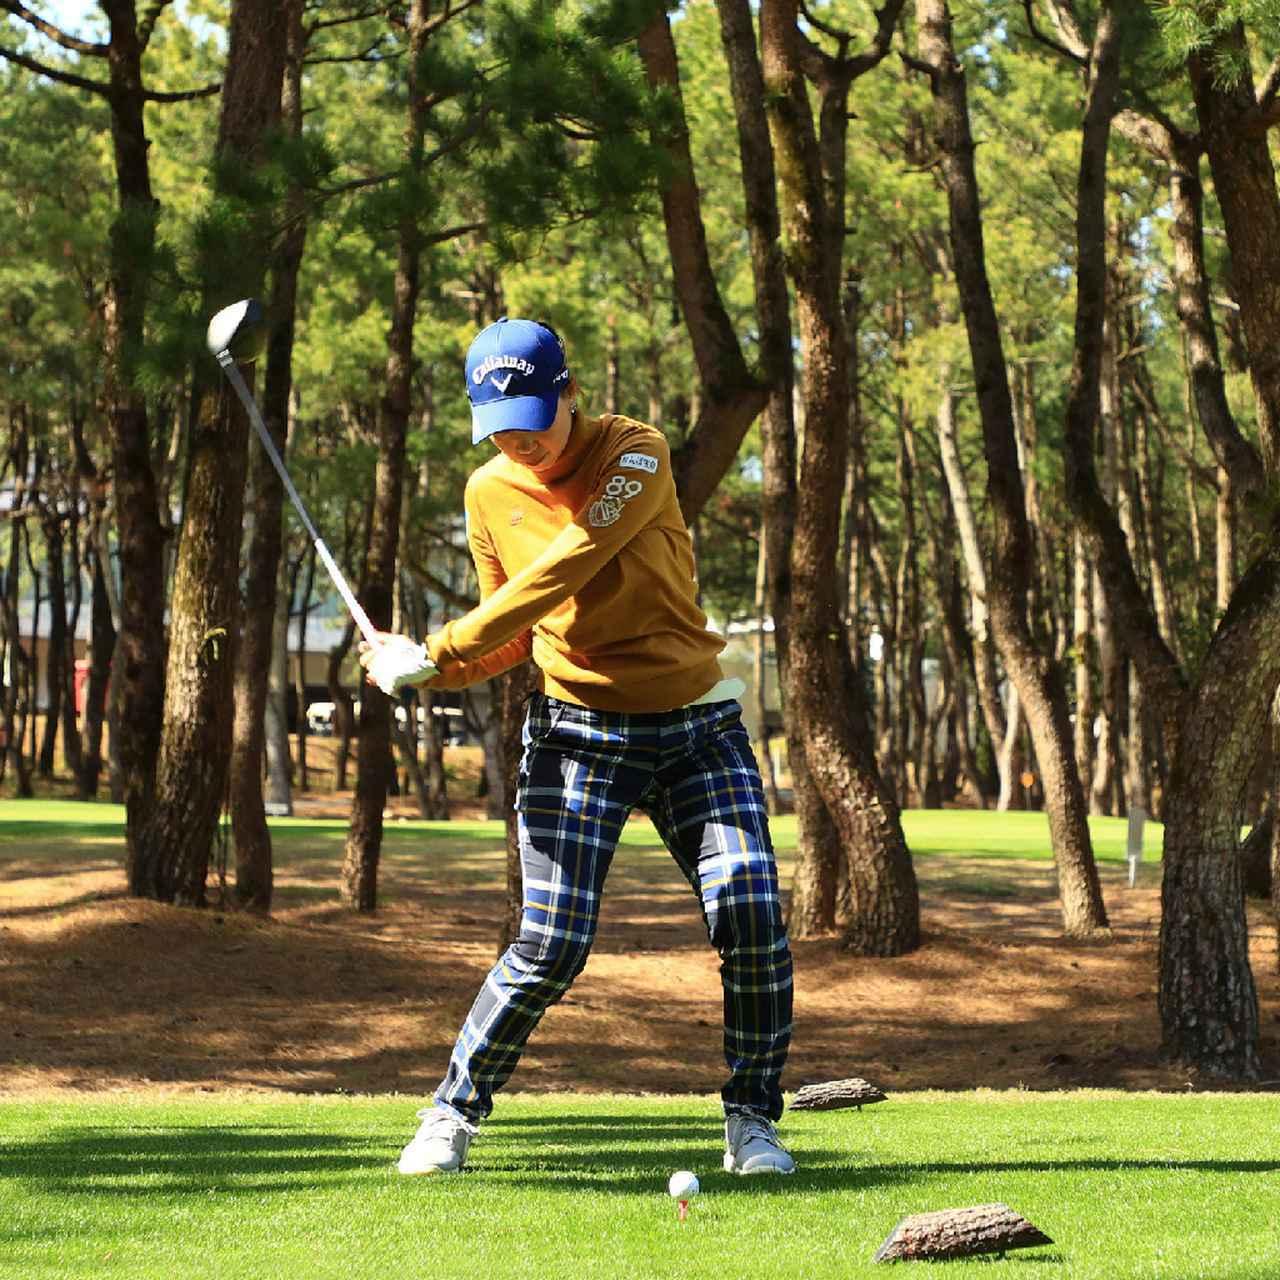 画像2: 【飛距離アップ】飛ばしに力は必要ない。女子プロゴルファーがこぞって集うチーム辻村明志「マン振りより飛ぶ八分目スウィング」